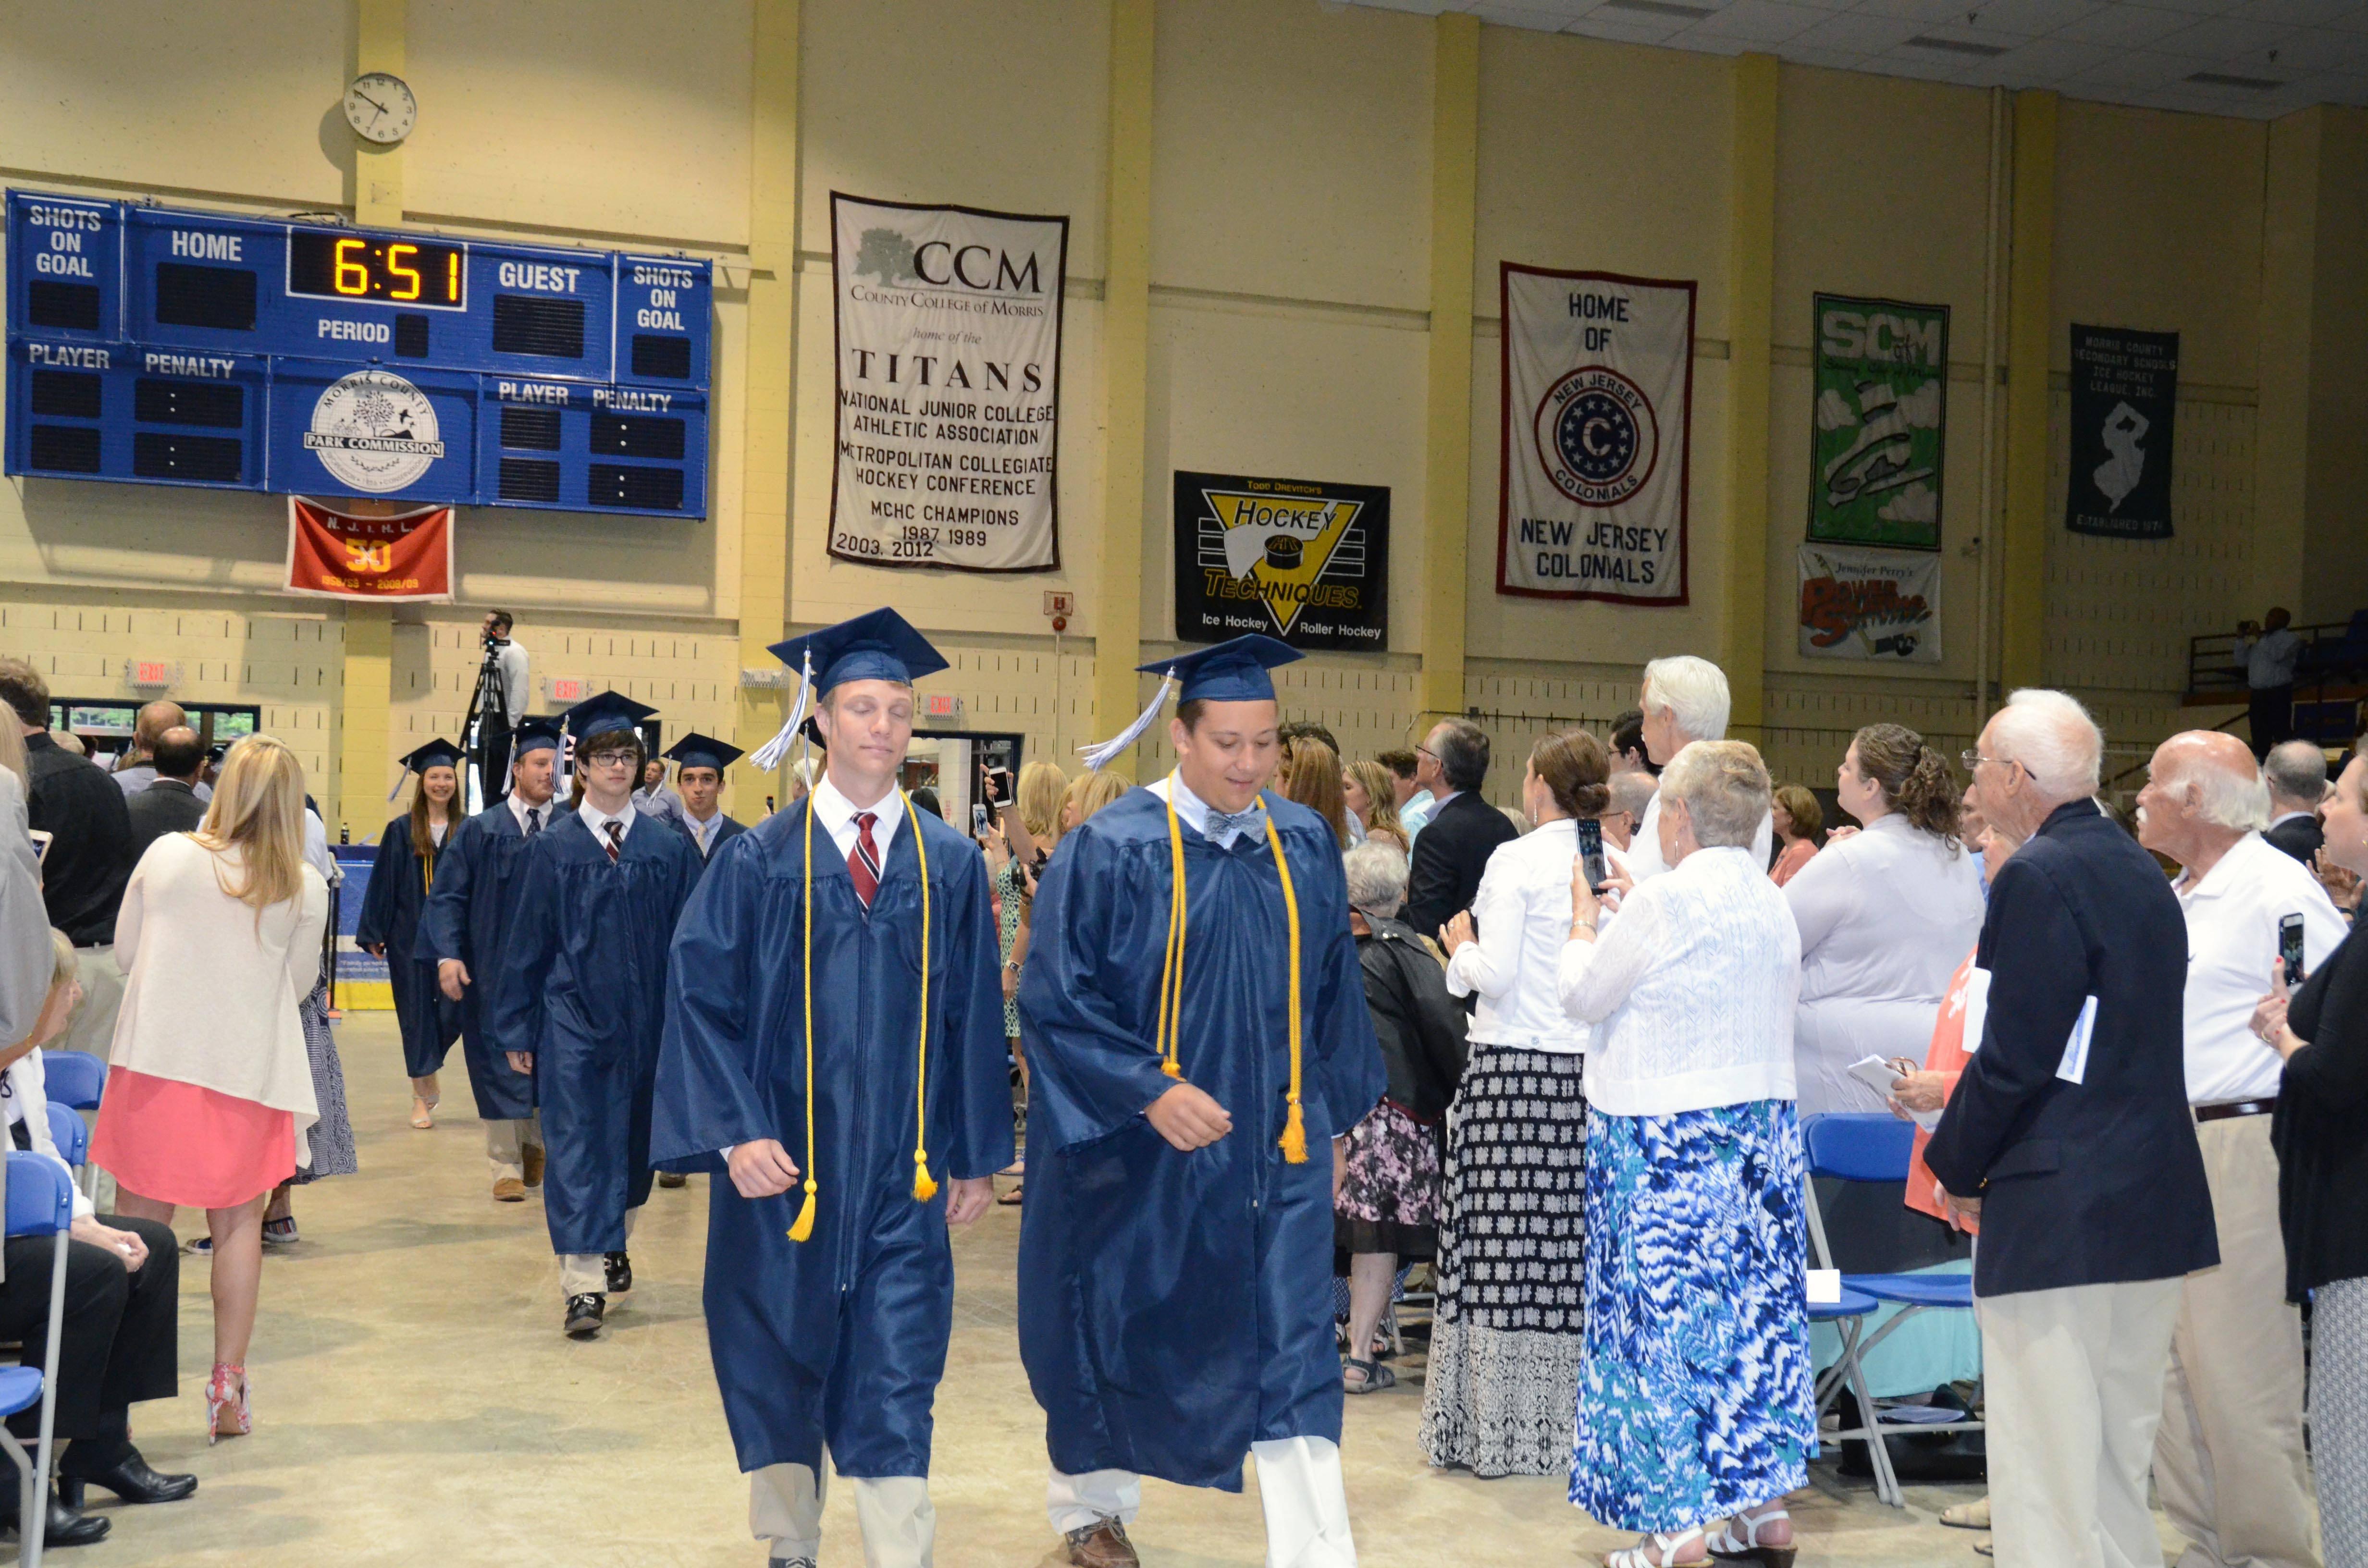 988f28bade0c0861df66_CHS_Graduation_2016_ACZ_DSC_2056.jpg